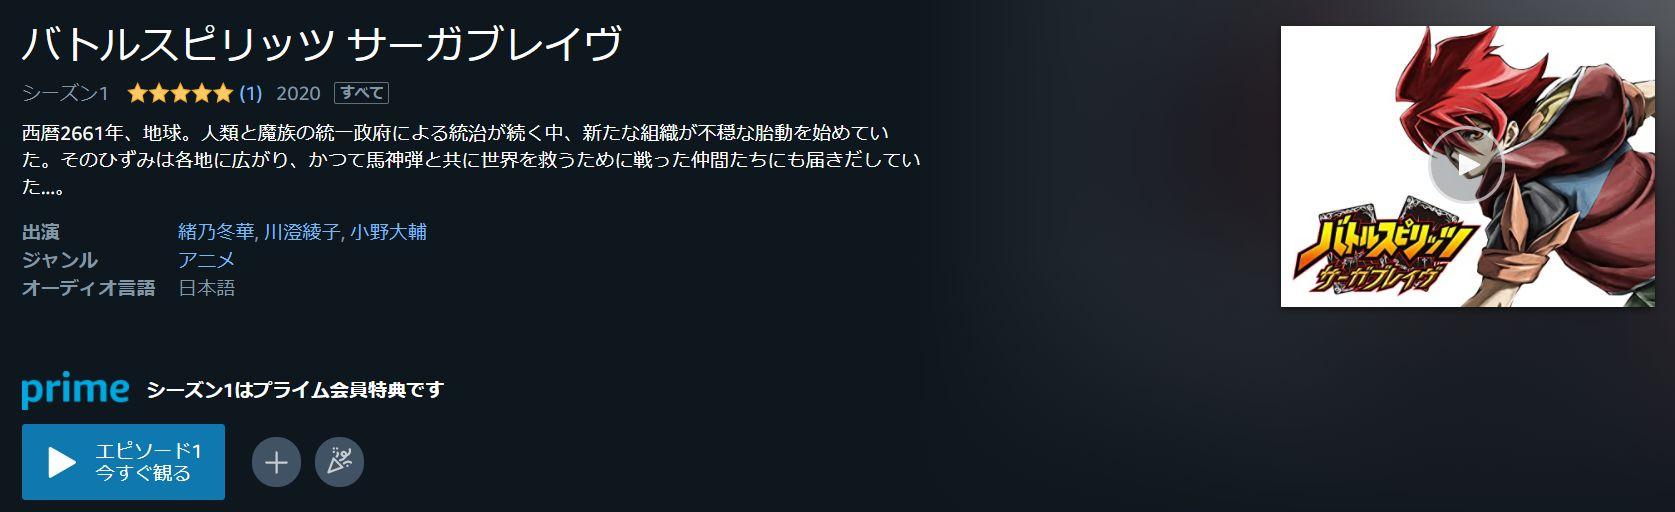 バトスピアニメ「サーガブレイヴ」はアマゾンプライム会員ならアニメ全話が無料視聴可能!